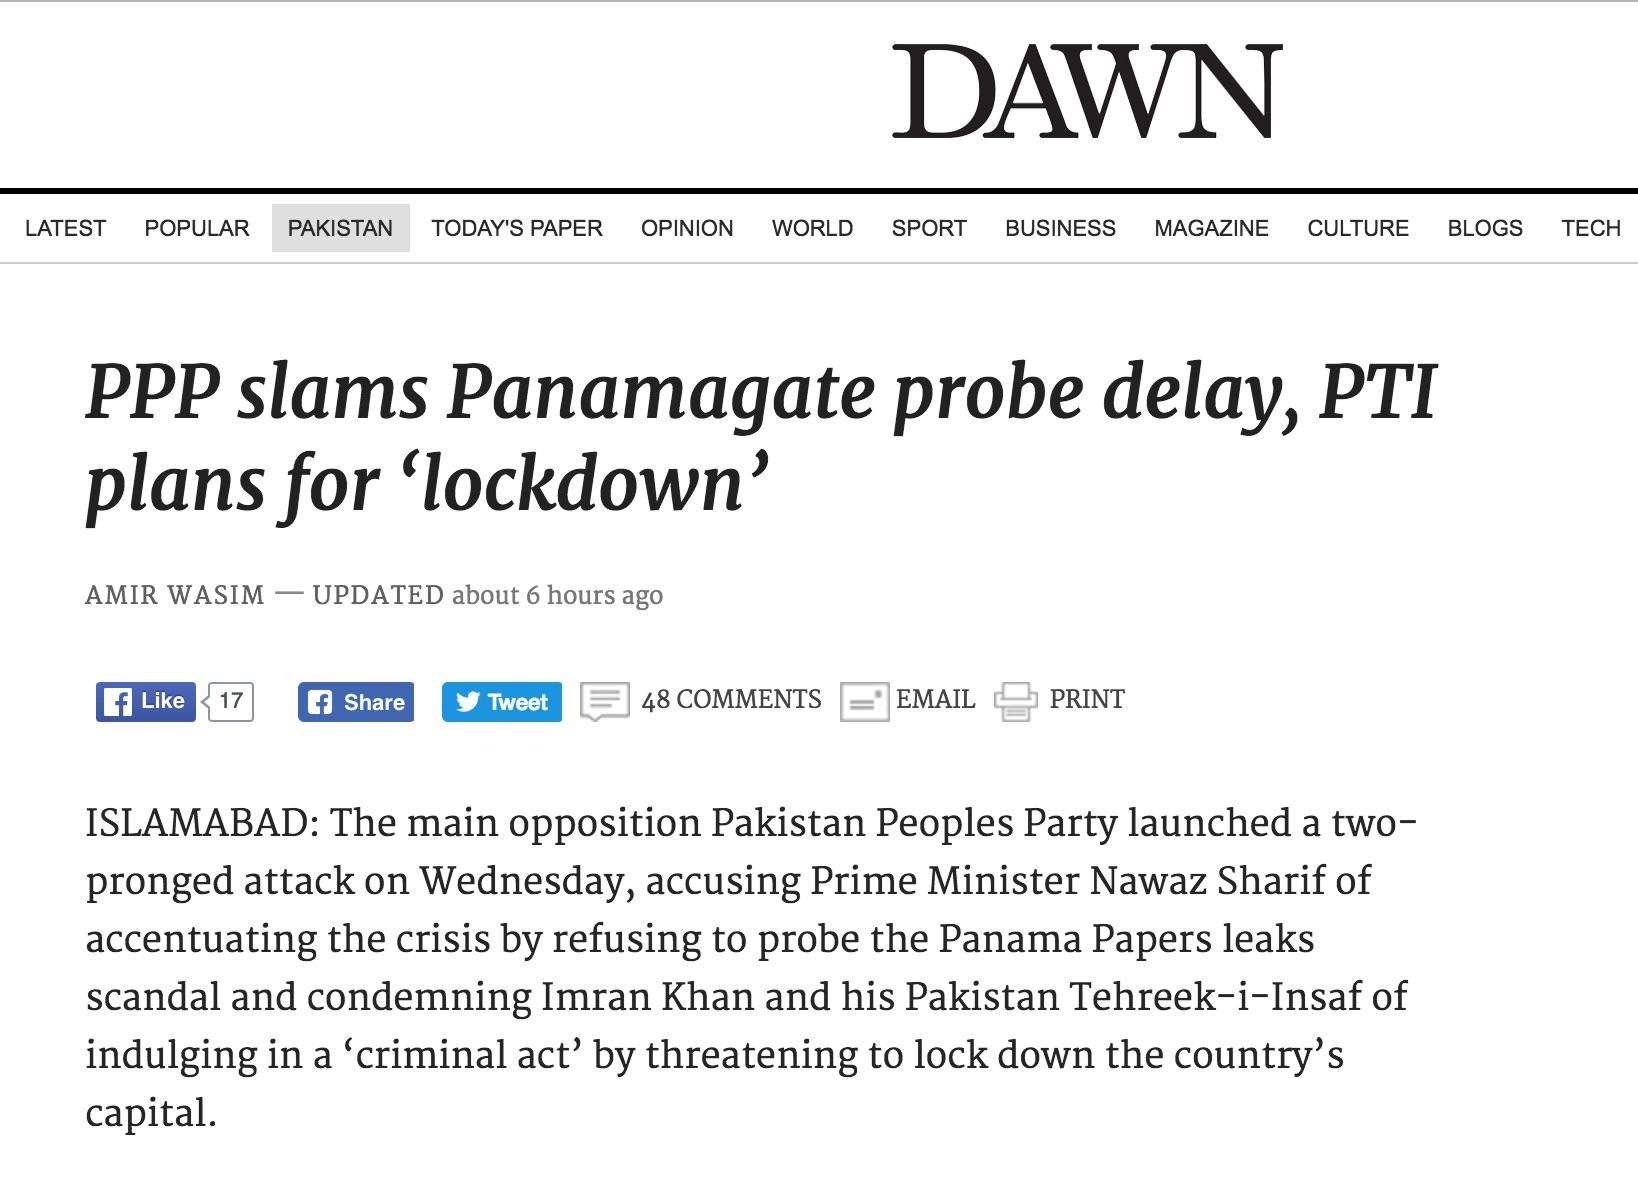 L'opposition à Nawaz Sharif se divise alors que le Premier ministre est convoqué à la Cour suprême. Copie d'écran du Dawn, le 20 octobre 2016.